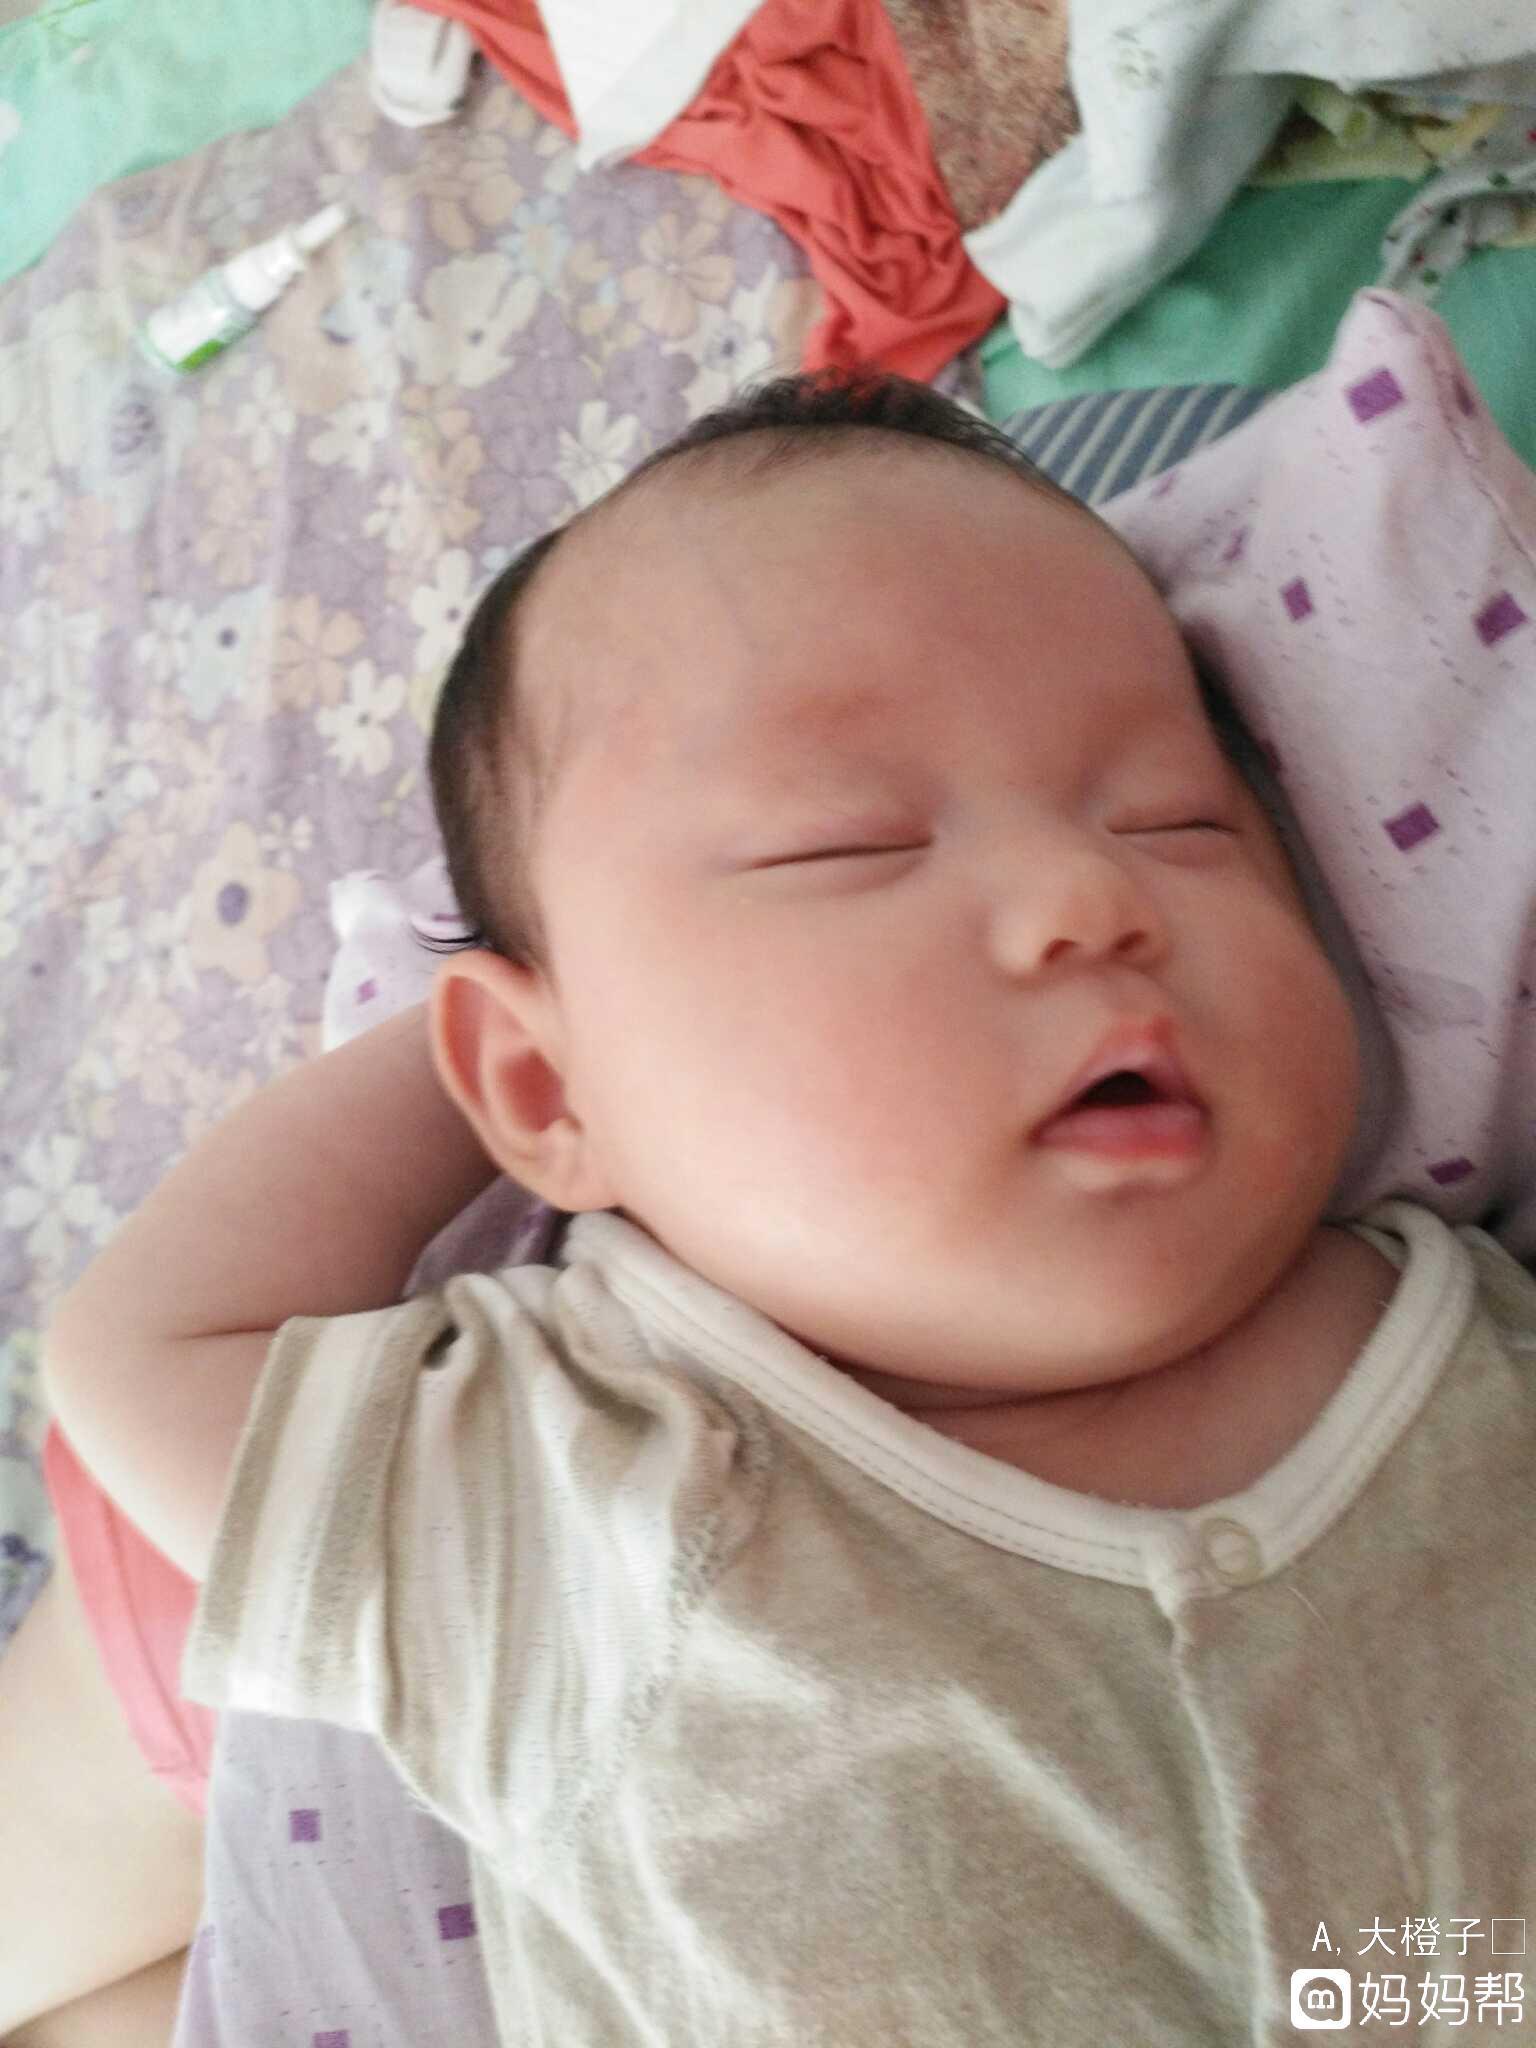 我家宝宝就不怎么哭特别爱笑,我发现如果经常让宝宝大哭她会形成习惯